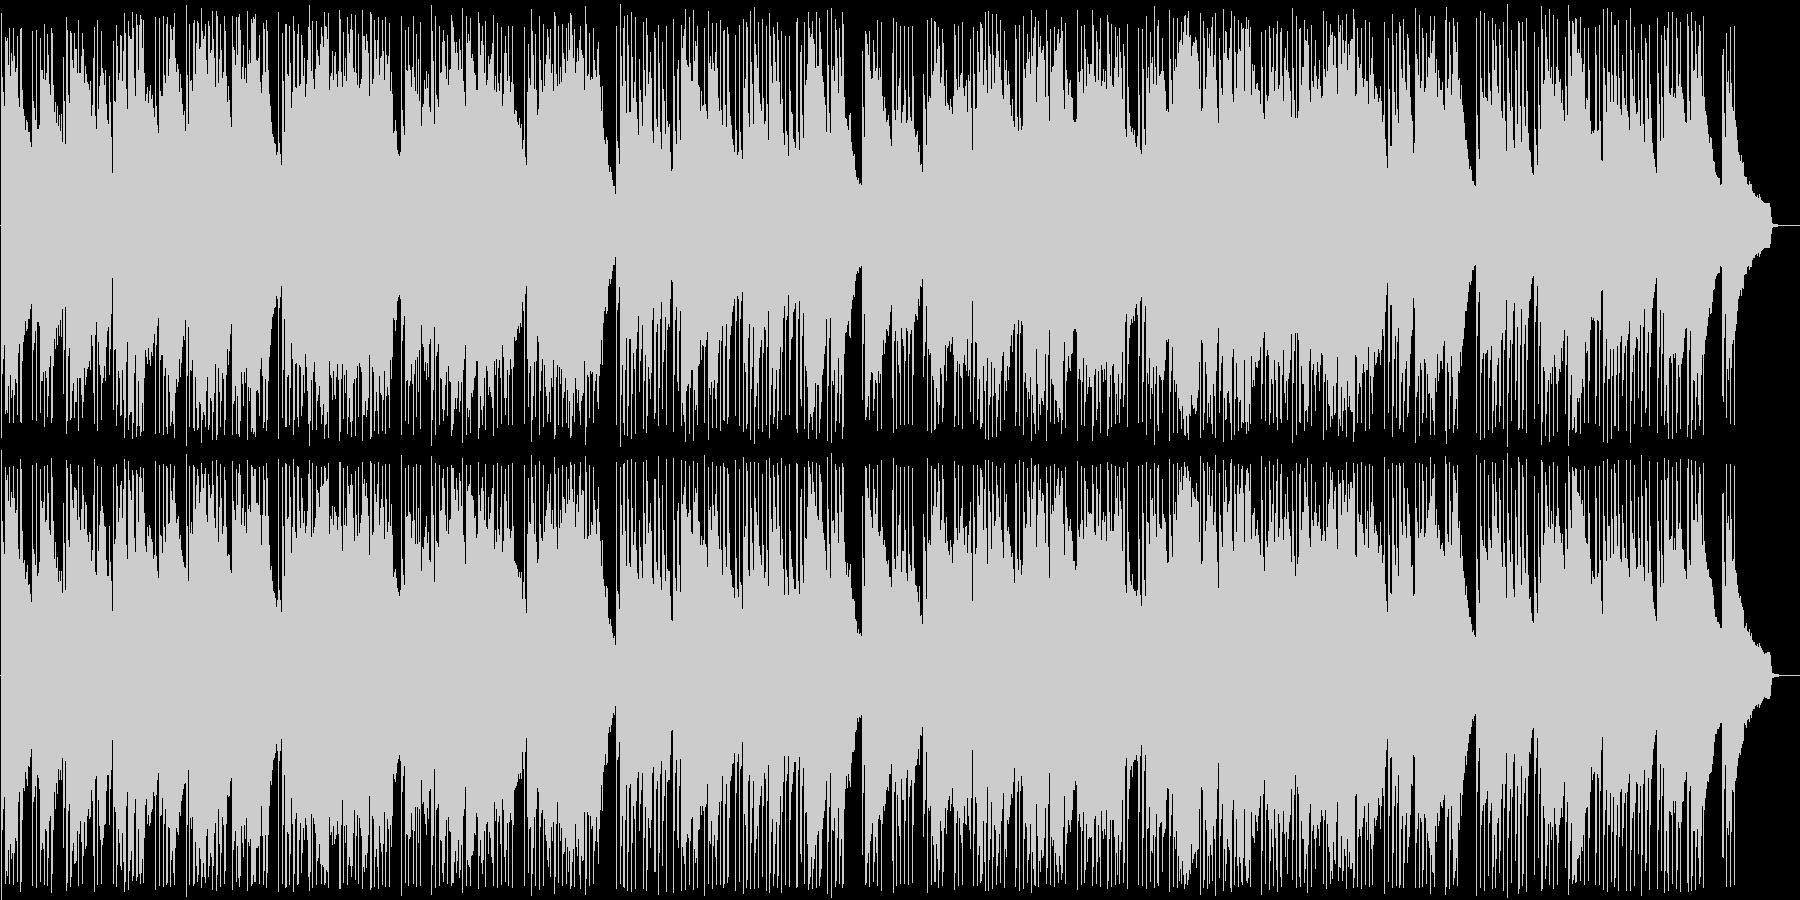 ギターの音色が心地良いボサノバの未再生の波形